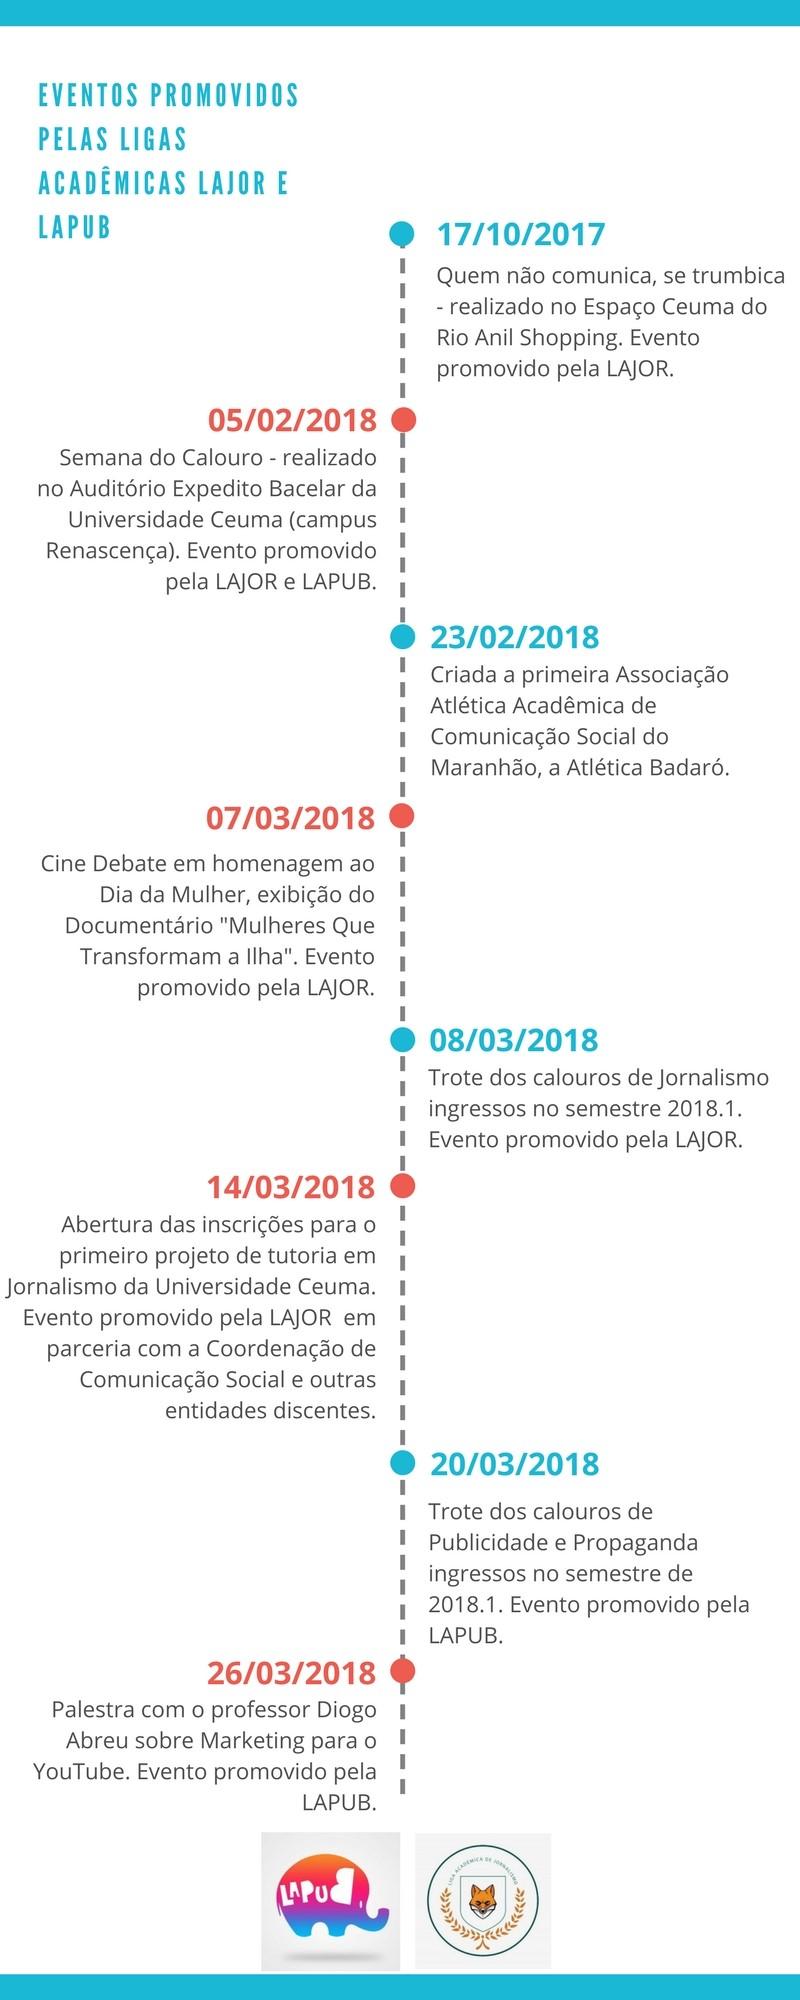 Eventos promovidos pelas ligas acadêmicas lajor e lapub (1)